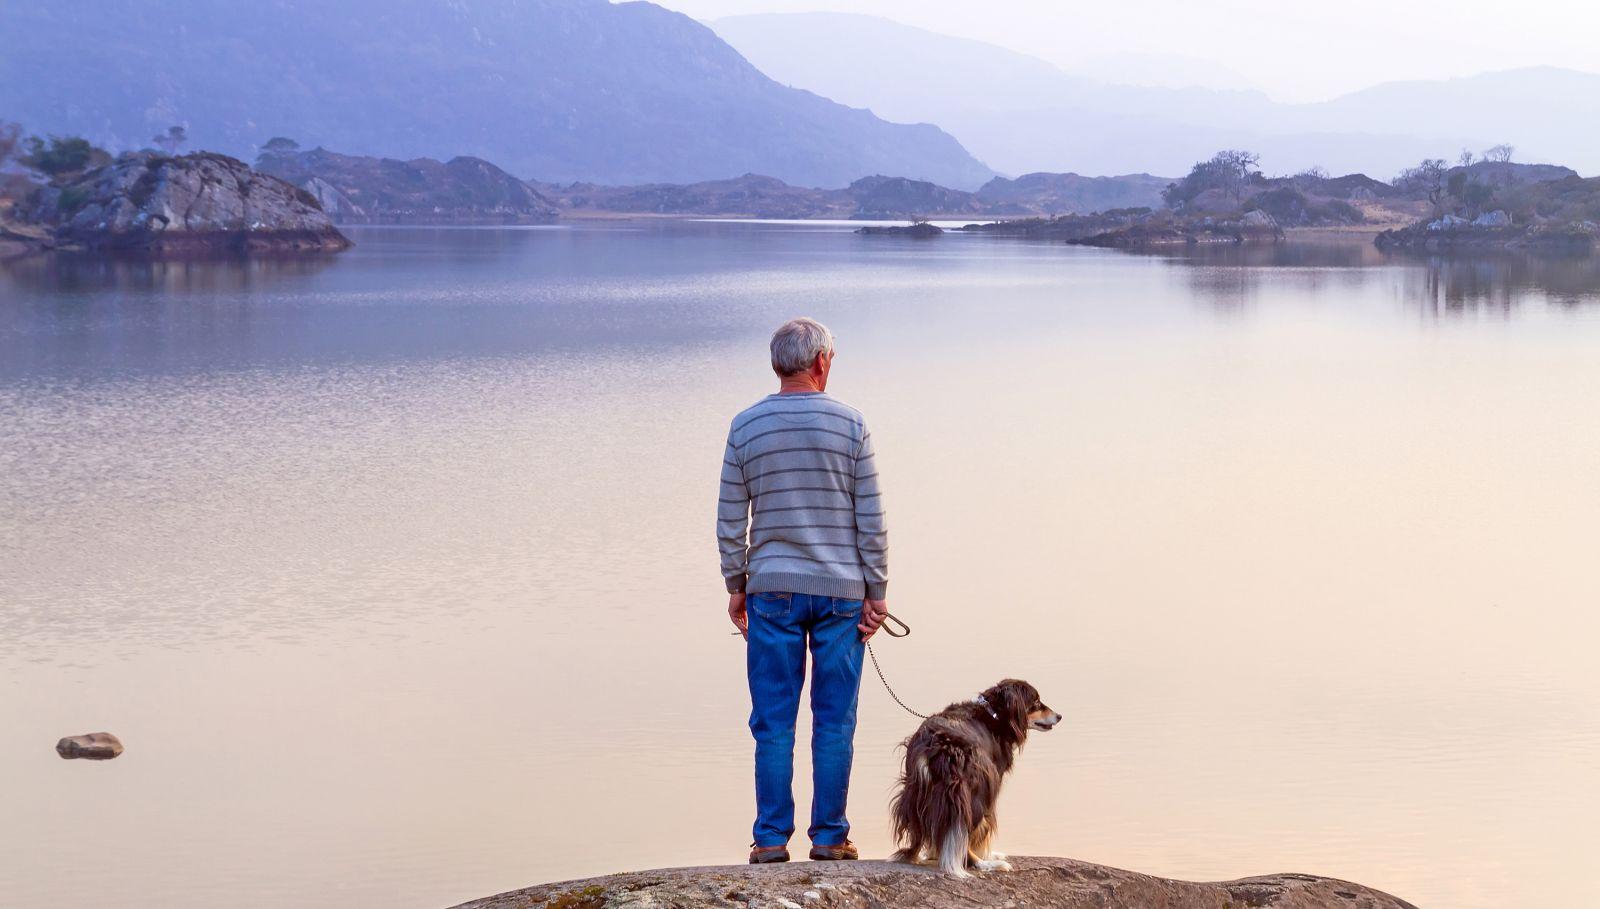 retirement-blue-bored-retired-man